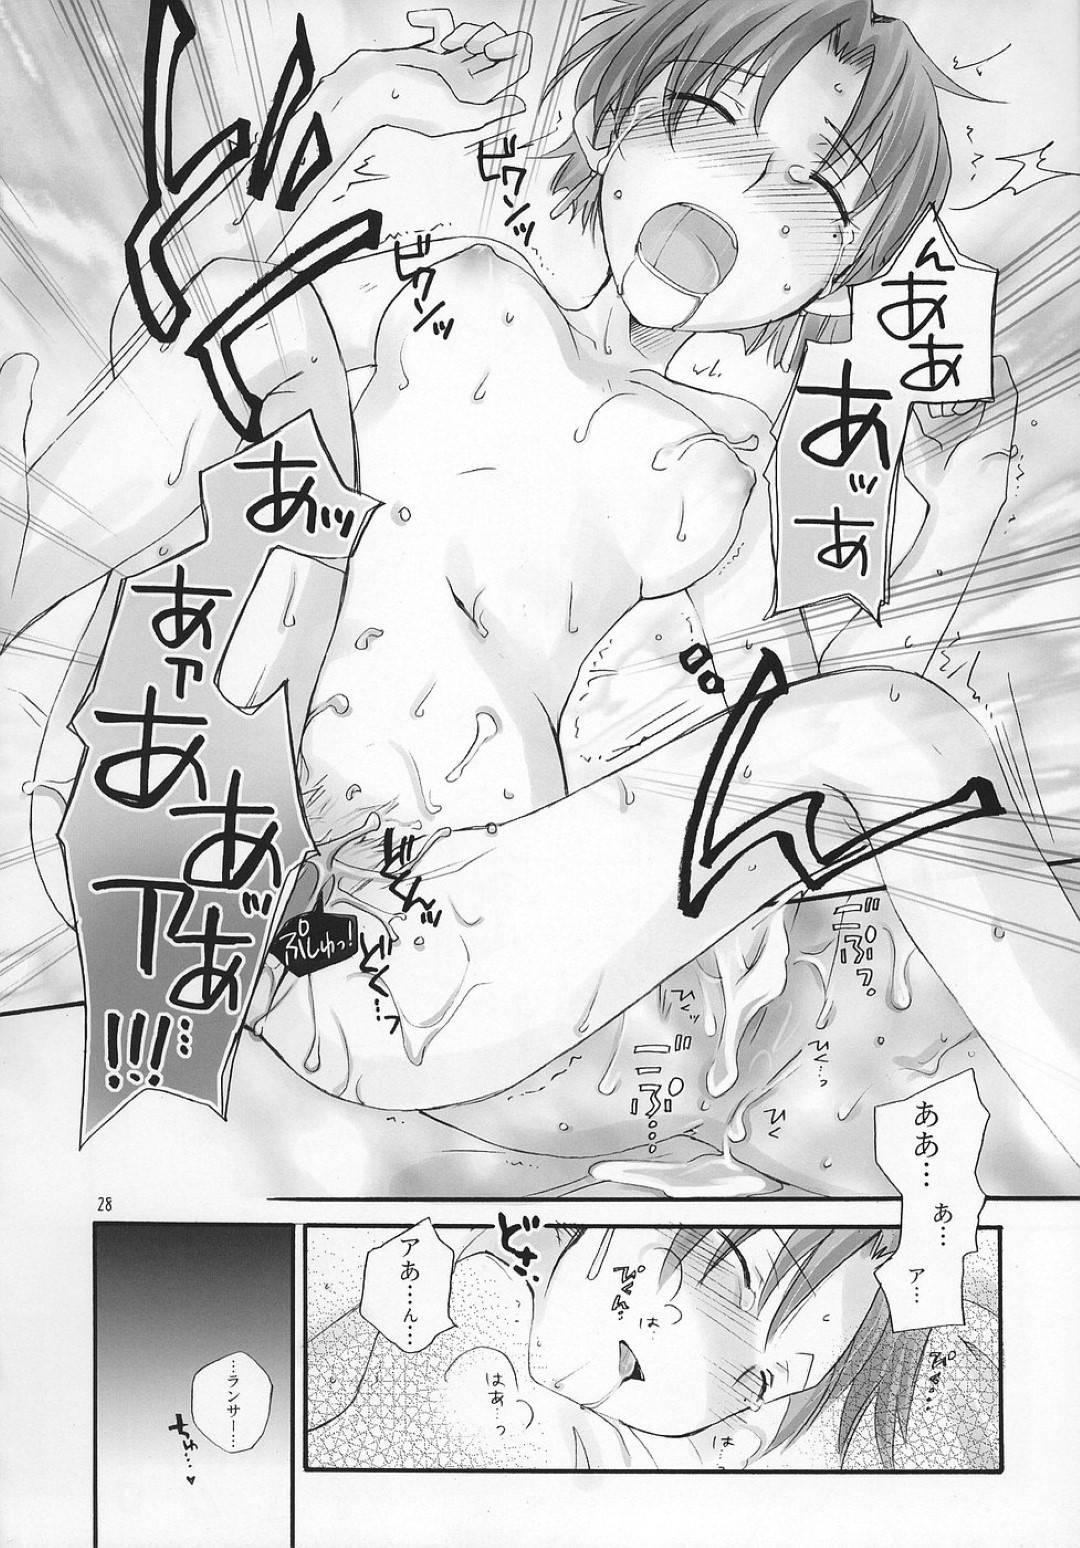 【エロ漫画】酒に酔った影響でランサーとエッチな雰囲気となってしまったバゼット。彼に押し倒されて全裸にさせられてしまった彼女はディープキスされたり、乳首責めされたり、クンニされたりと愛撫を受け、正常位や騎乗位などの体位で中出しセックス。